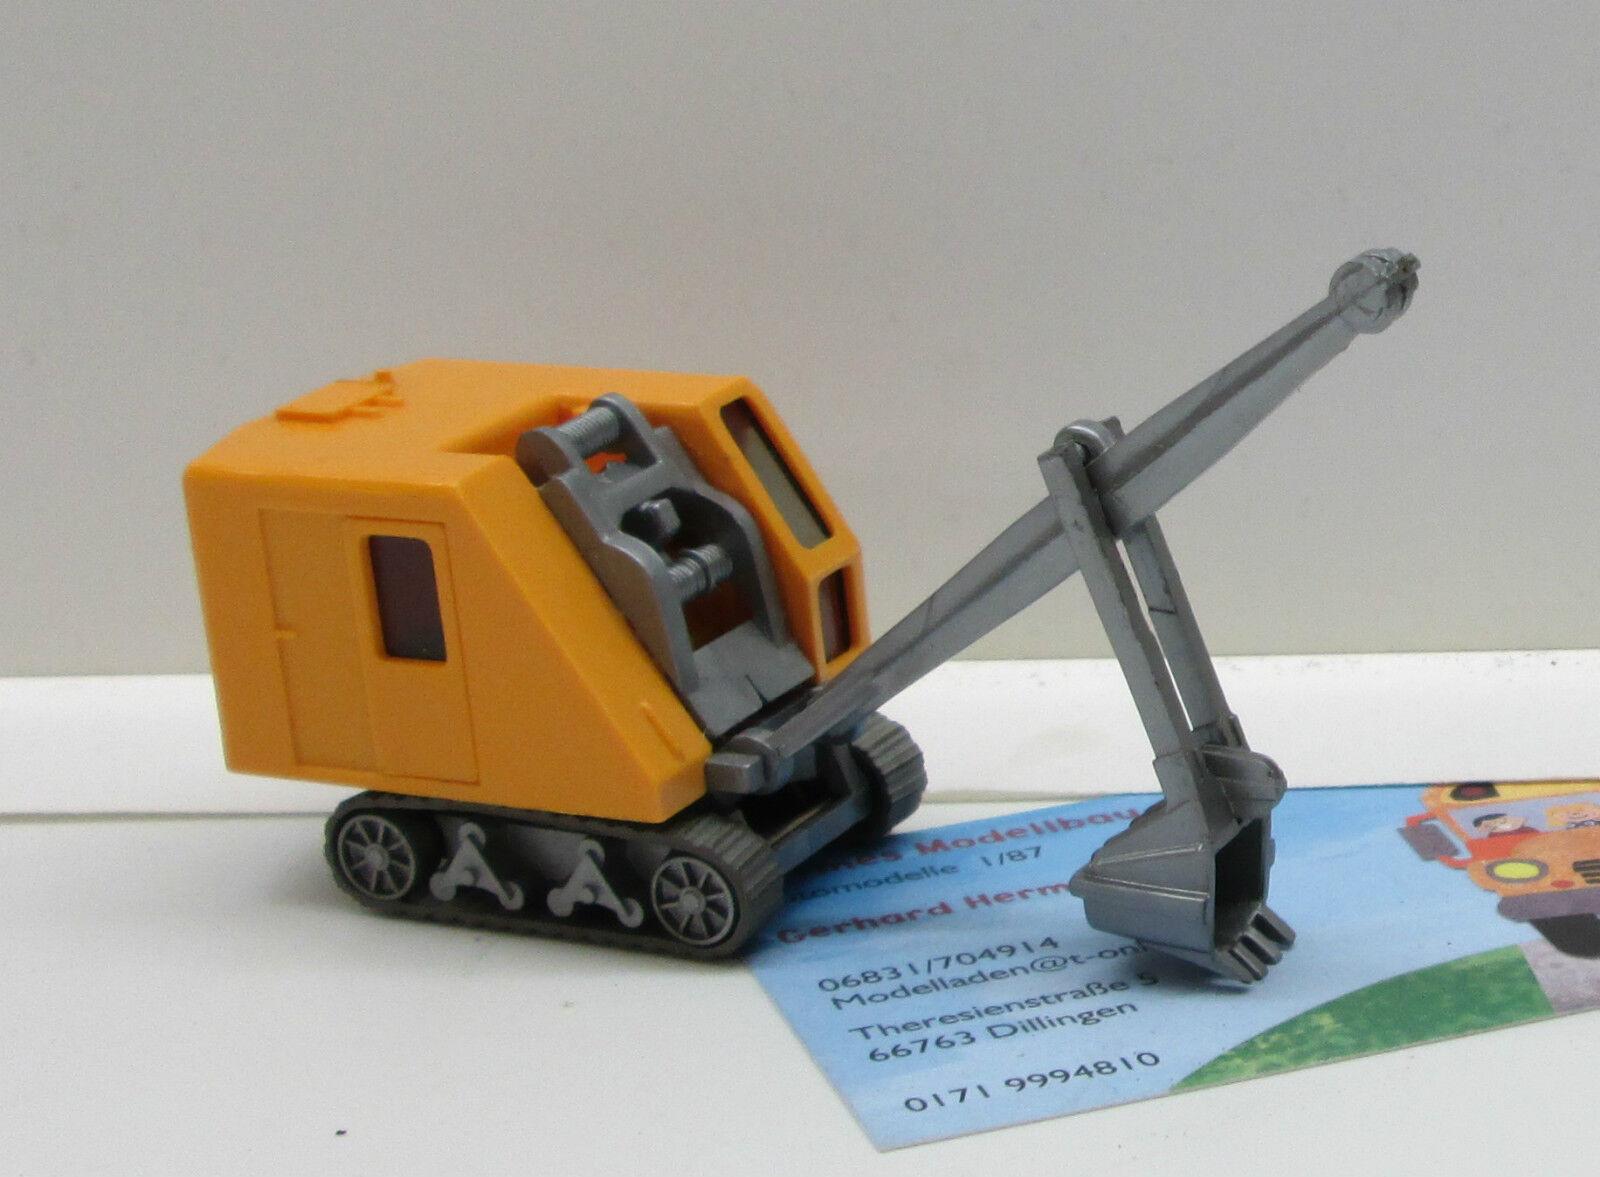 Wiking 660 2  Krupp Ardelt raupenbagger cromo giallo (679)